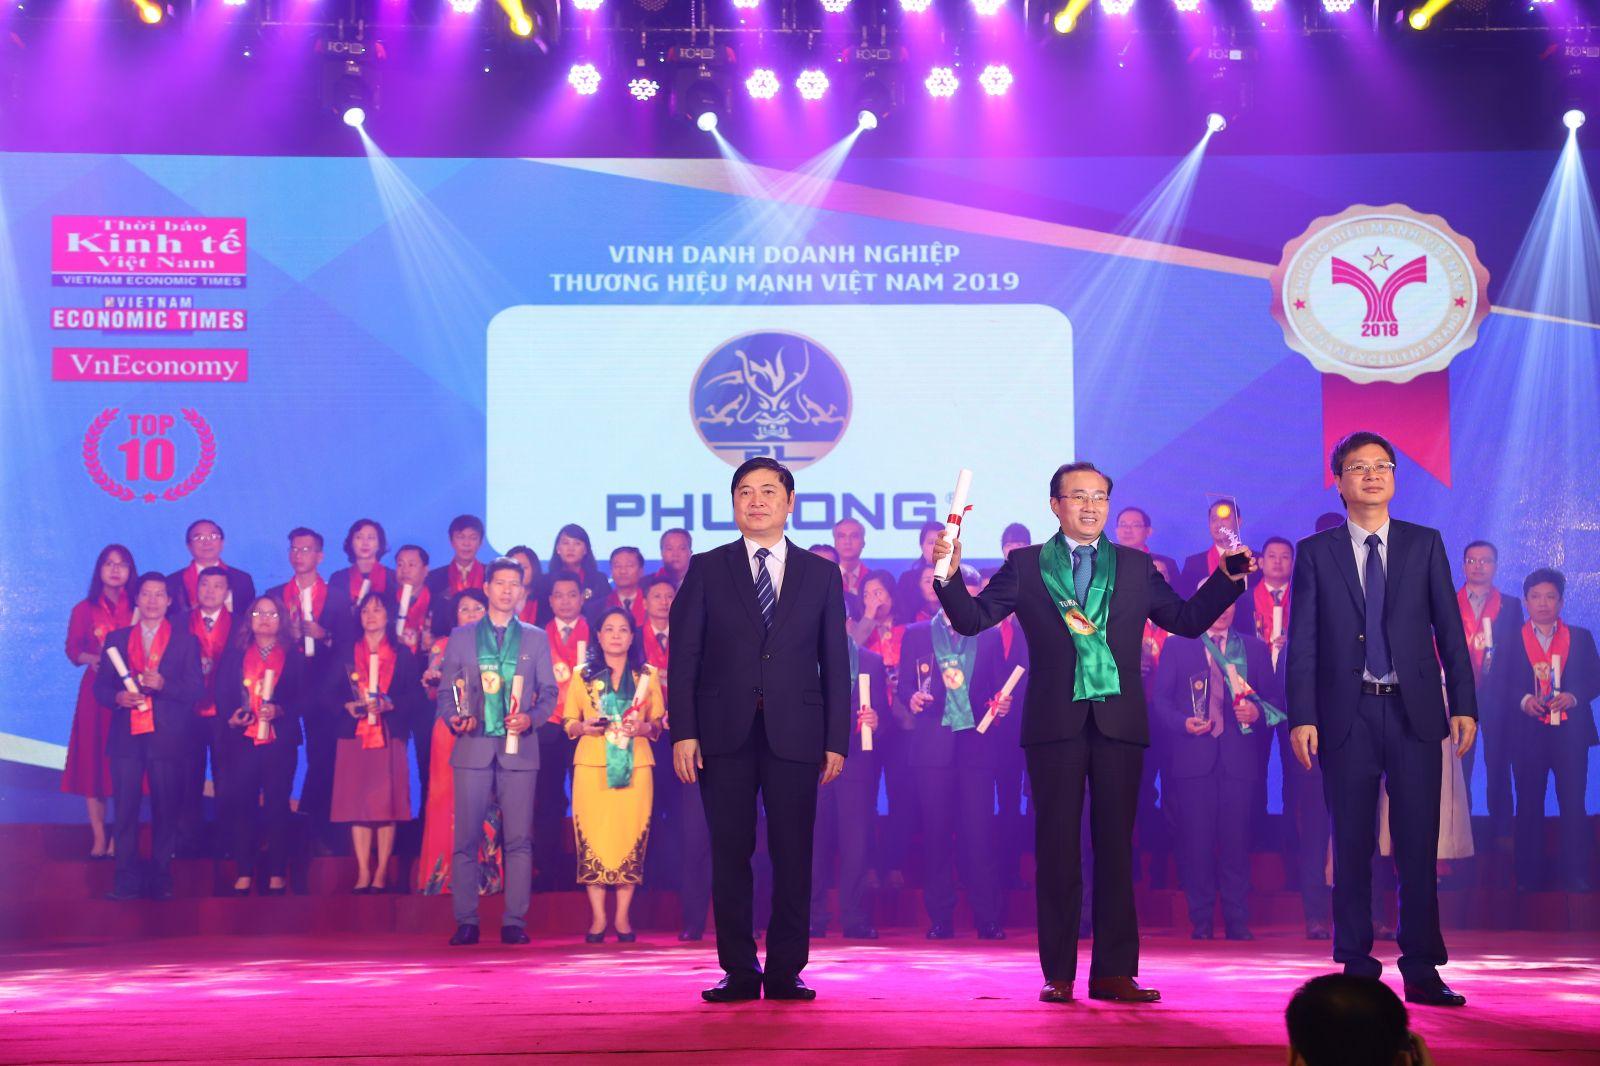 Ông Phùng Chu Cường – TGĐ Công ty Phú Long nhận giải thưởng Thương hiệu mạnh Việt Nam 2018